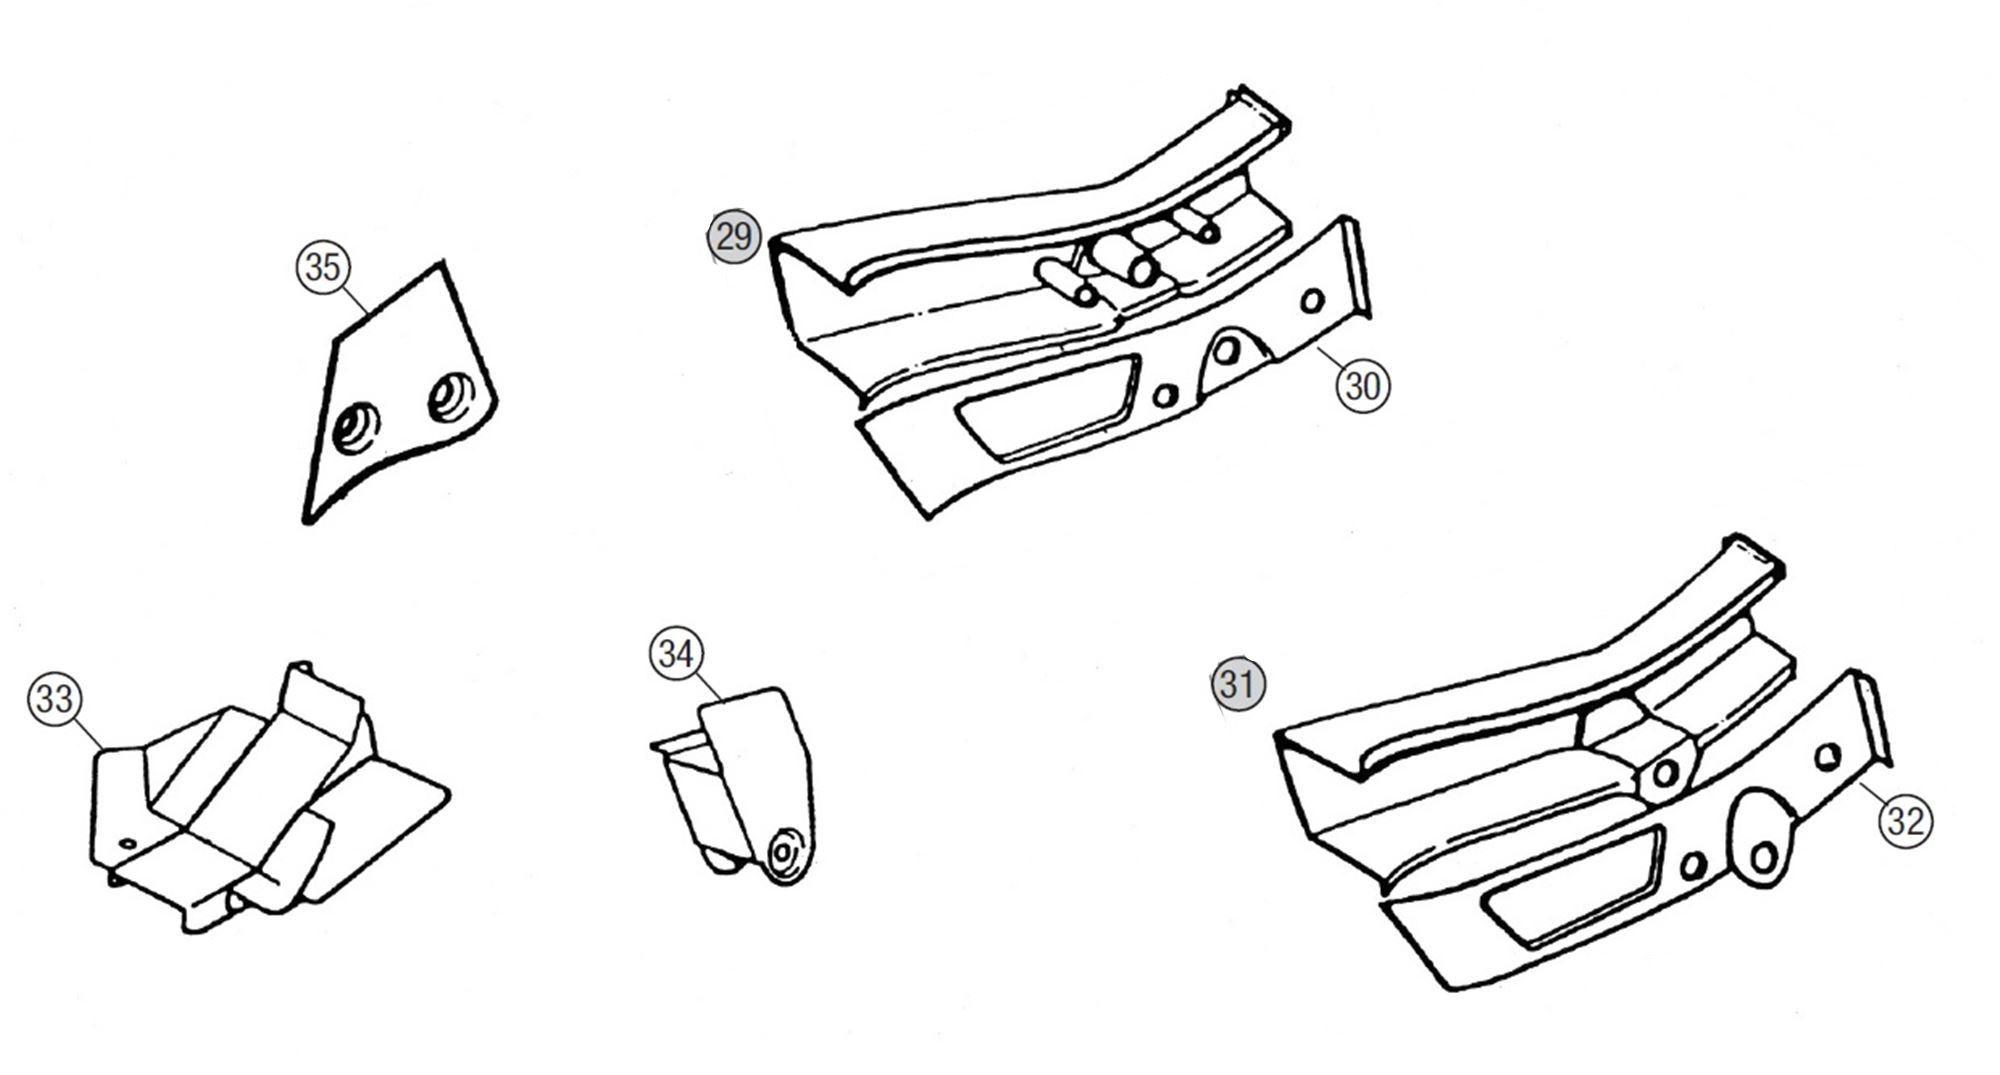 MGB Rear Sidemember & Spring Mounting Repair Panels